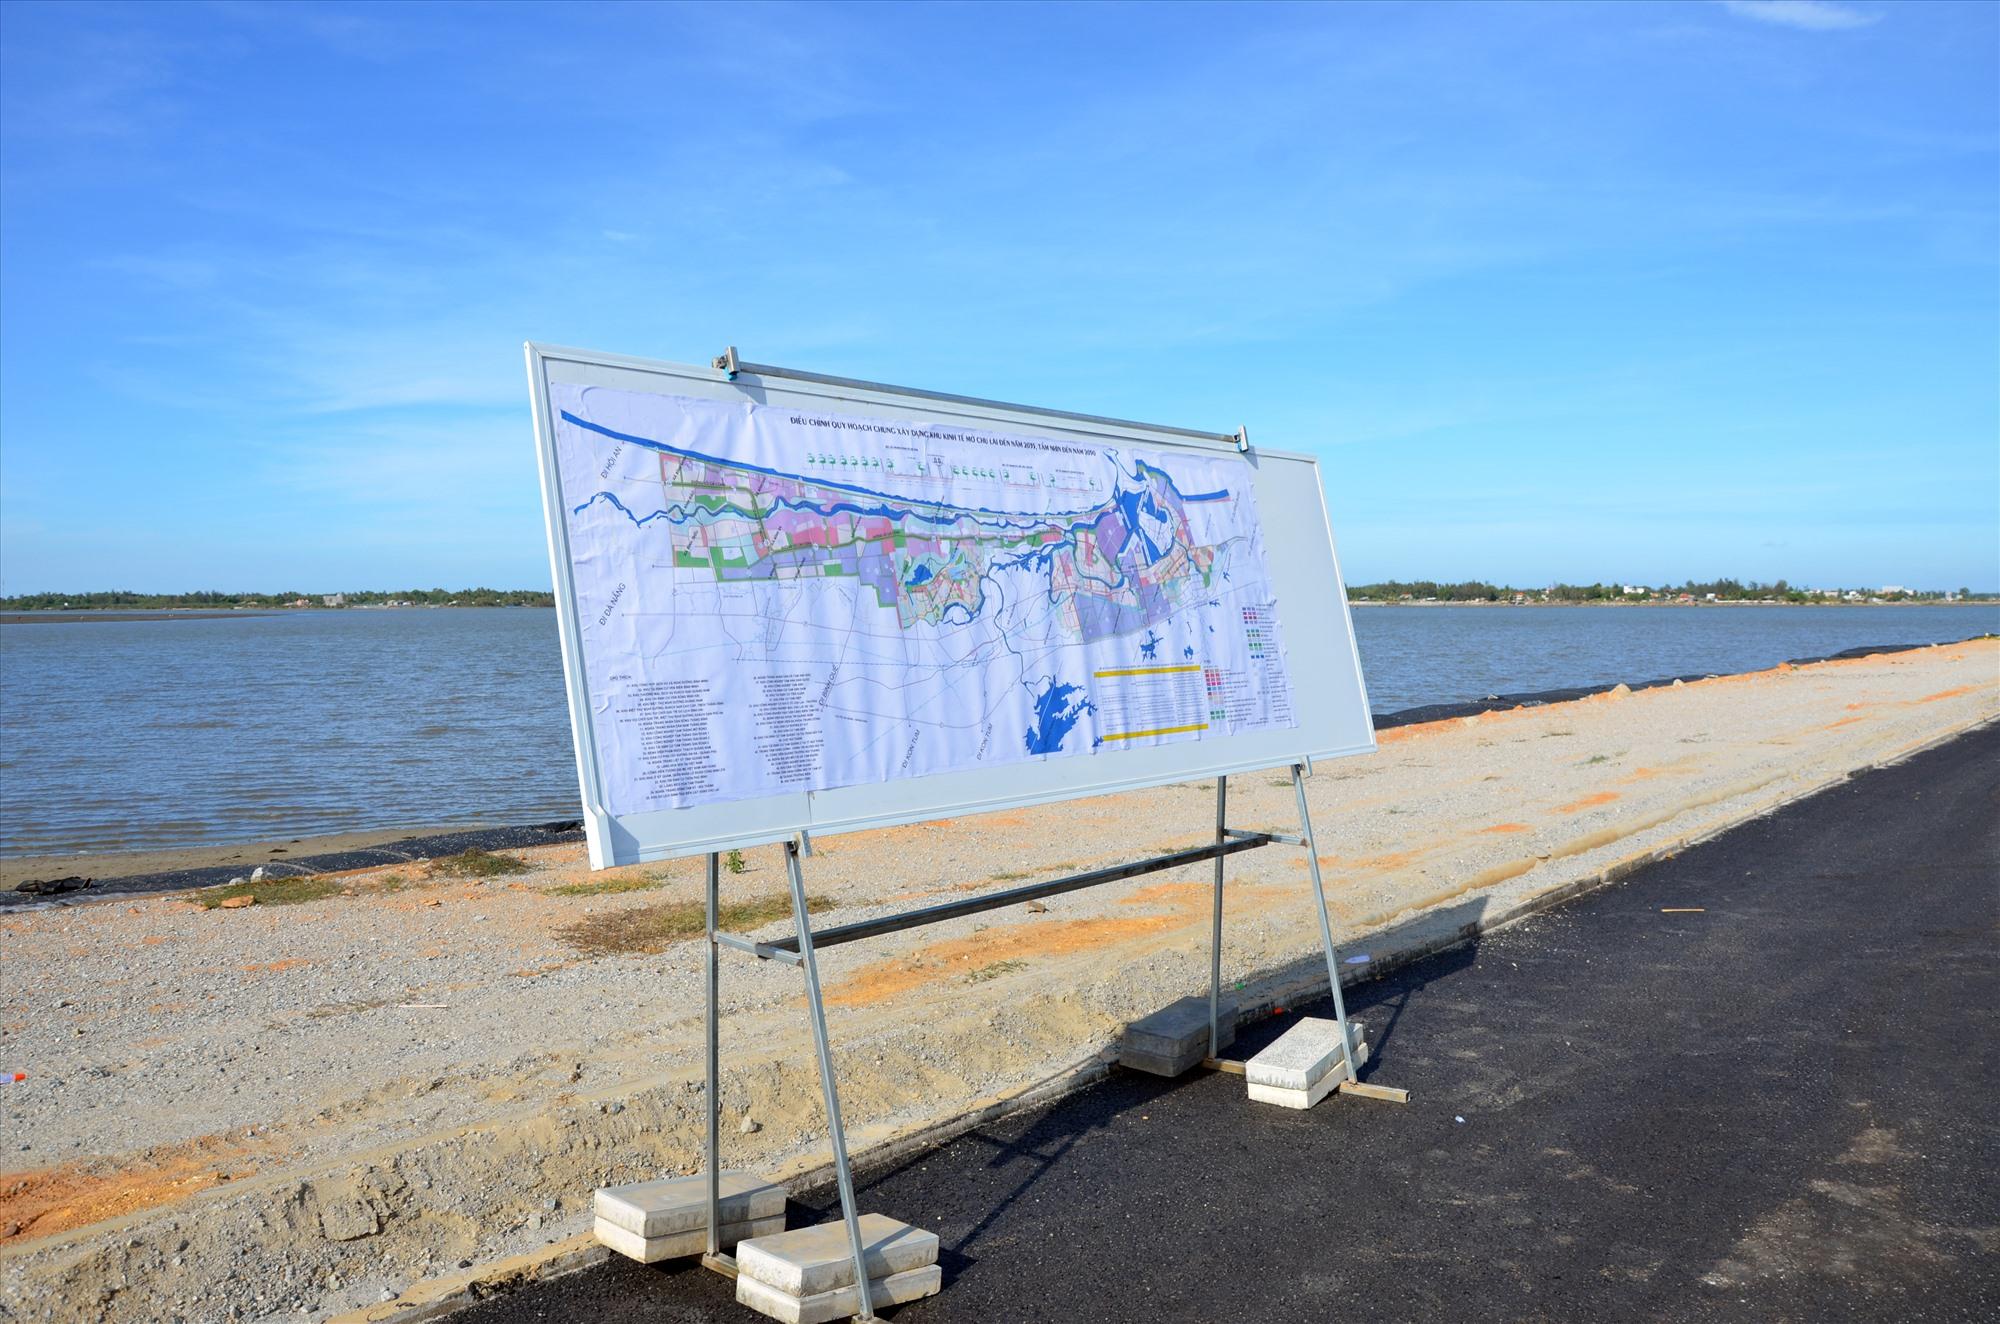 Vướng mắc chủ yếu của đường ven biển Võ Chí Công hiện nay là thu hồi đất, giải phóng mặt bằng để thi công hạng mục cầu qua vịnh An Hòa (Núi Thành).Ảnh: H.P